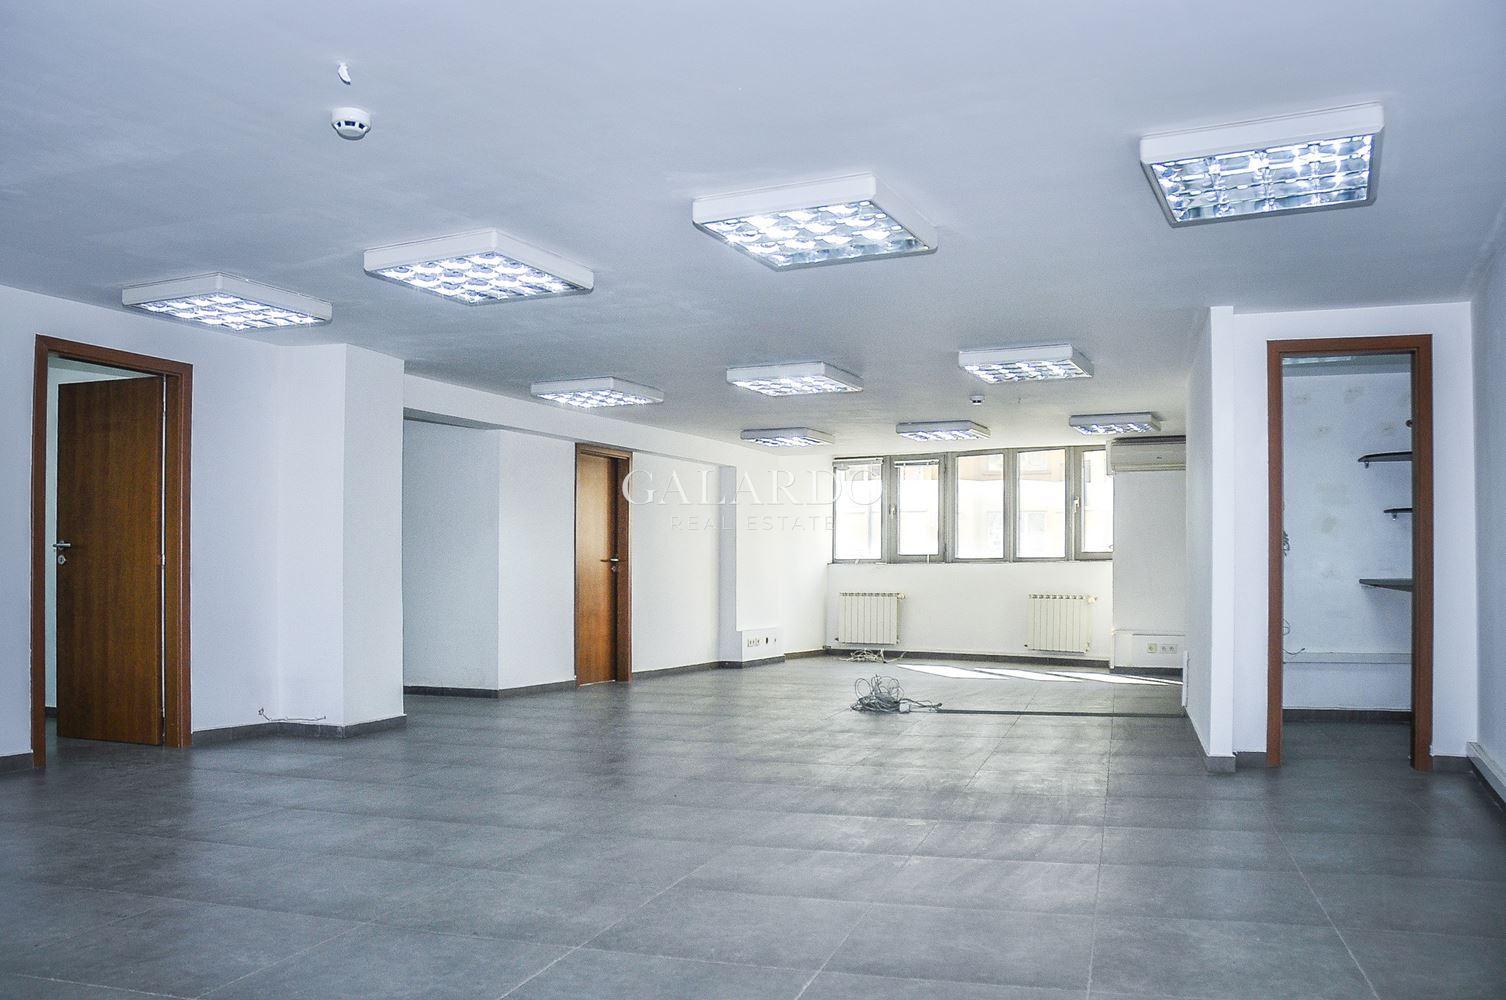 Офис под наем  на бул. България